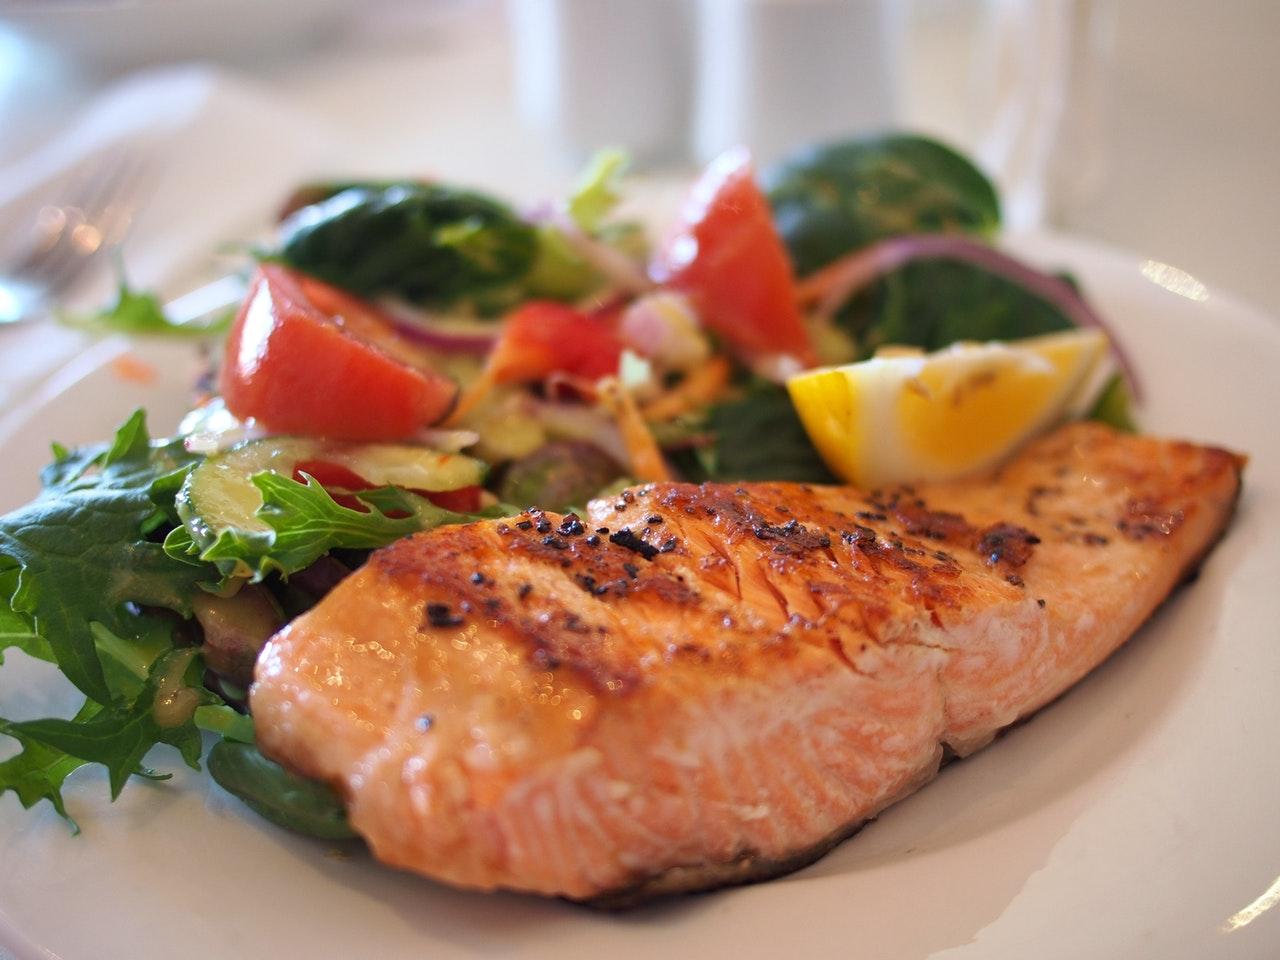 11种能帮你快速减肥得美味食物